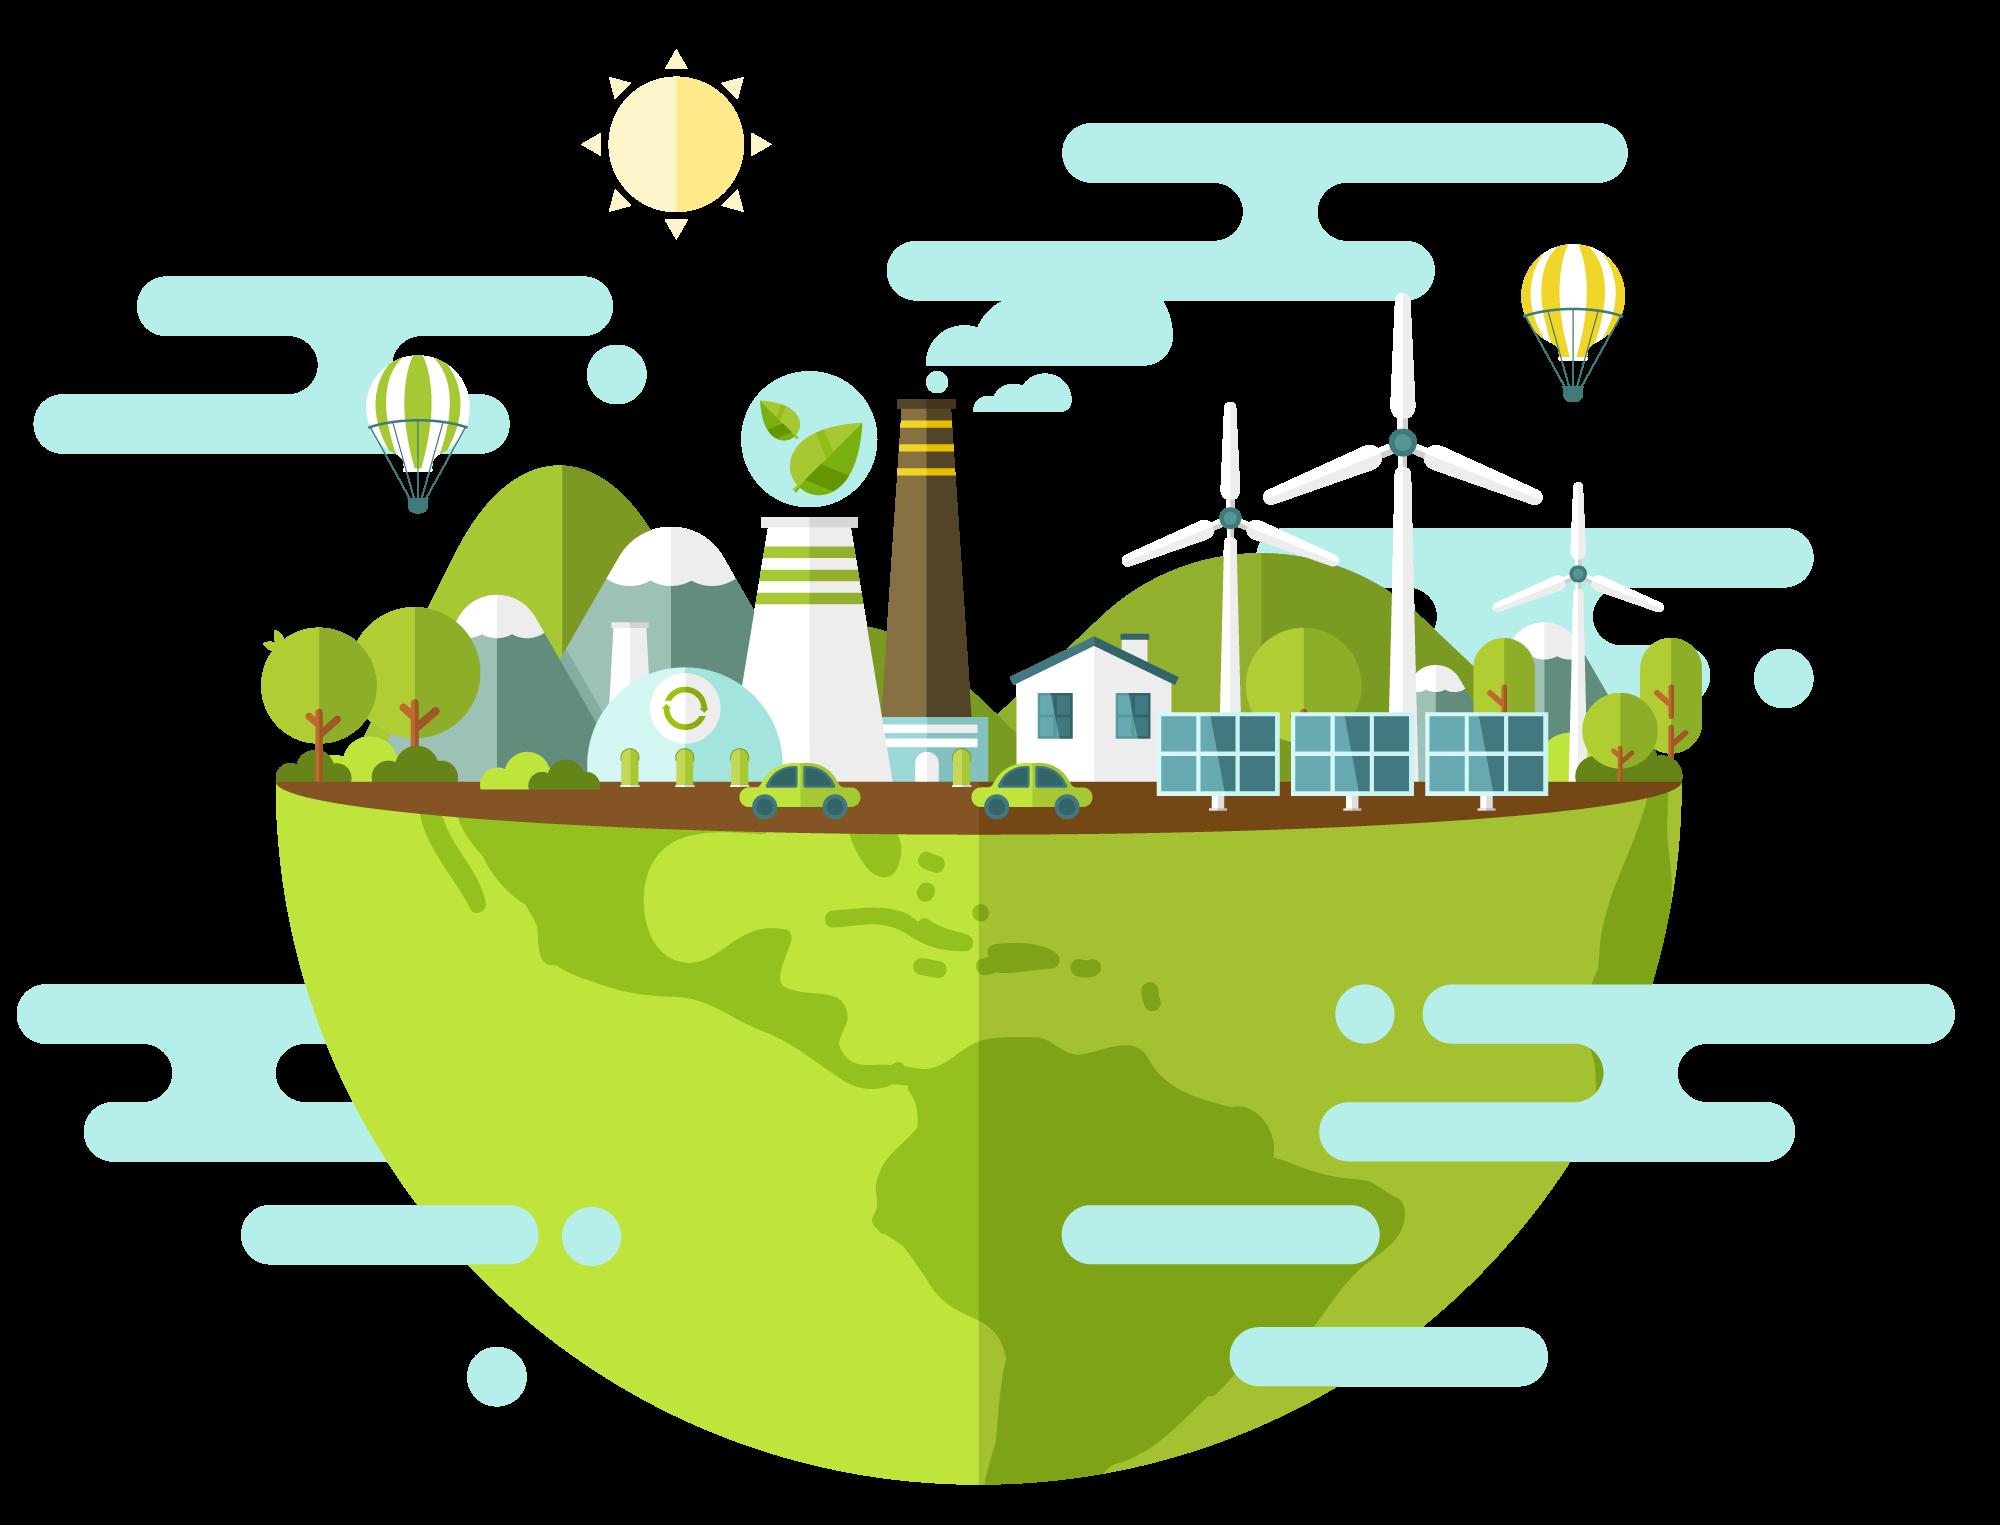 Training-ul despre educatia ecologica are ca scop sa invete copiii ce este educatia industriala.